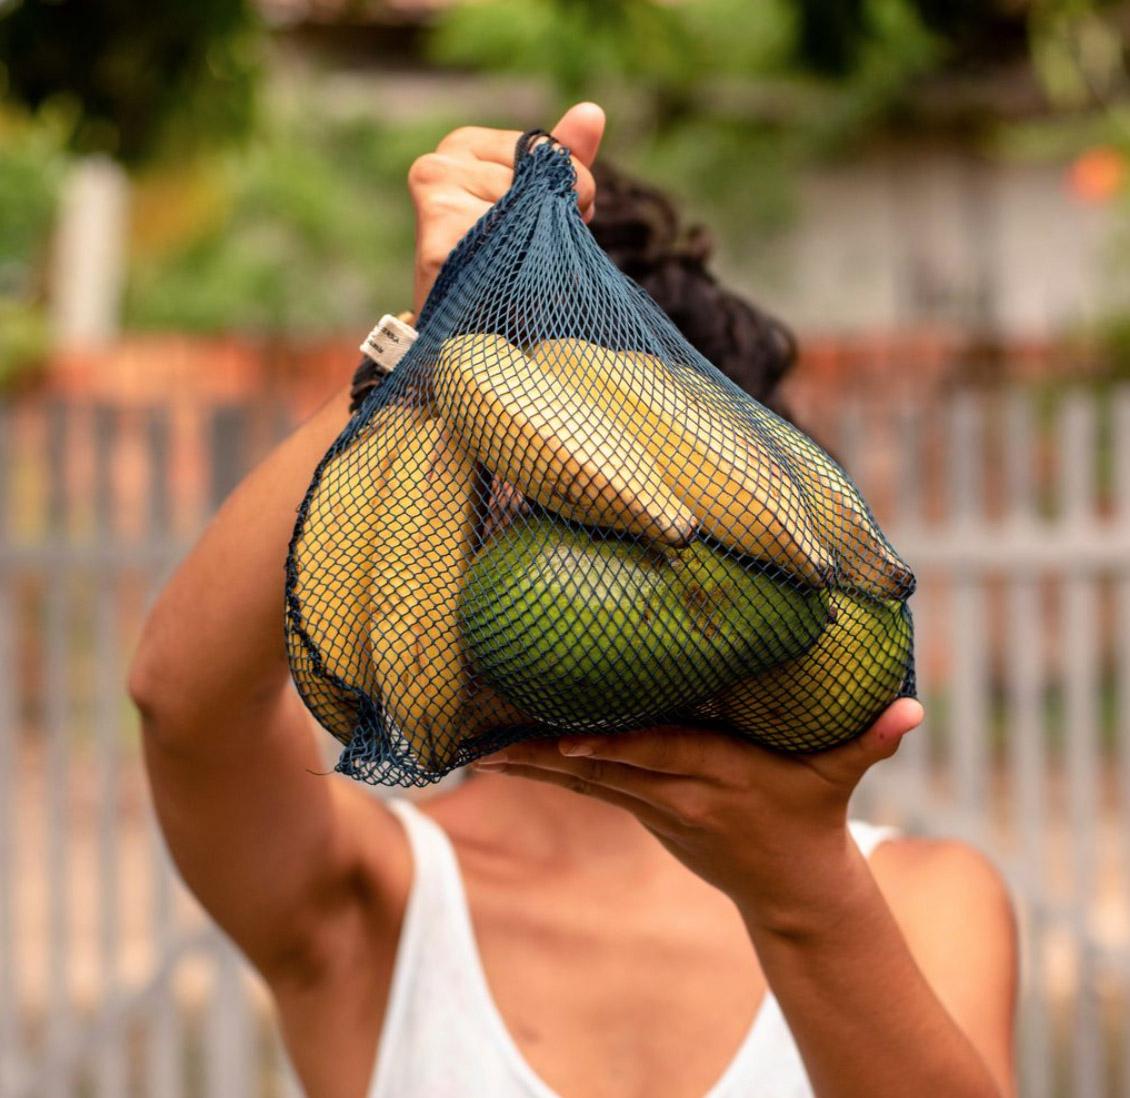 Trio Saquinhos Granel - Fui uma rede de pesca - P M G